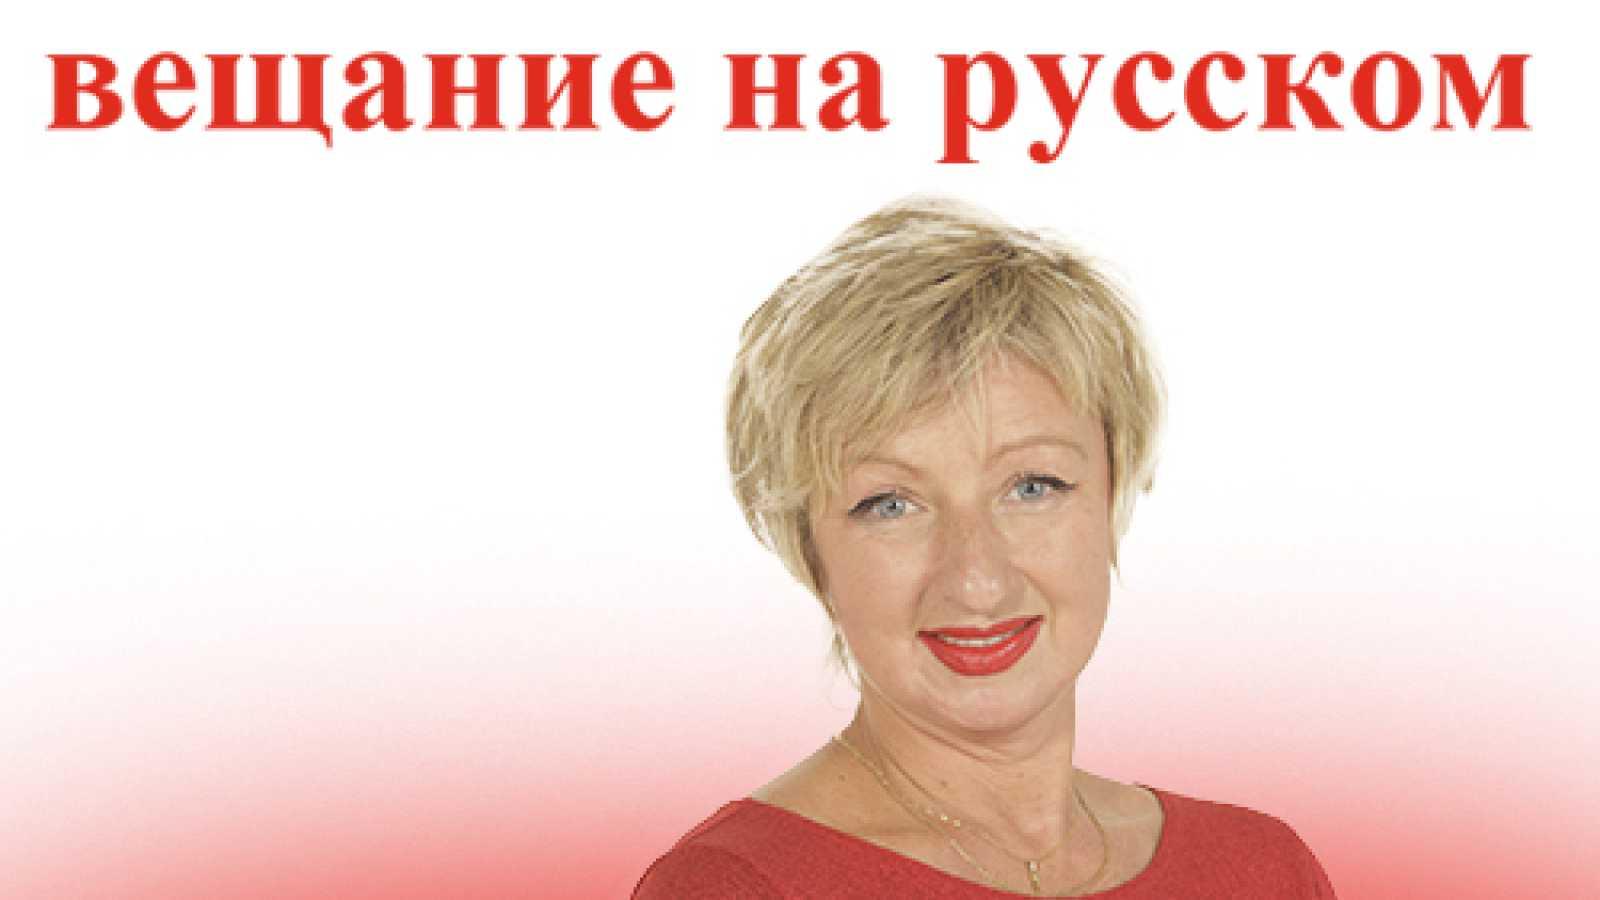 Emisión en ruso - 'Stariye pesni o glavnom' made in Spain. Vip.18 - 26/02/21 - escuchar ahora